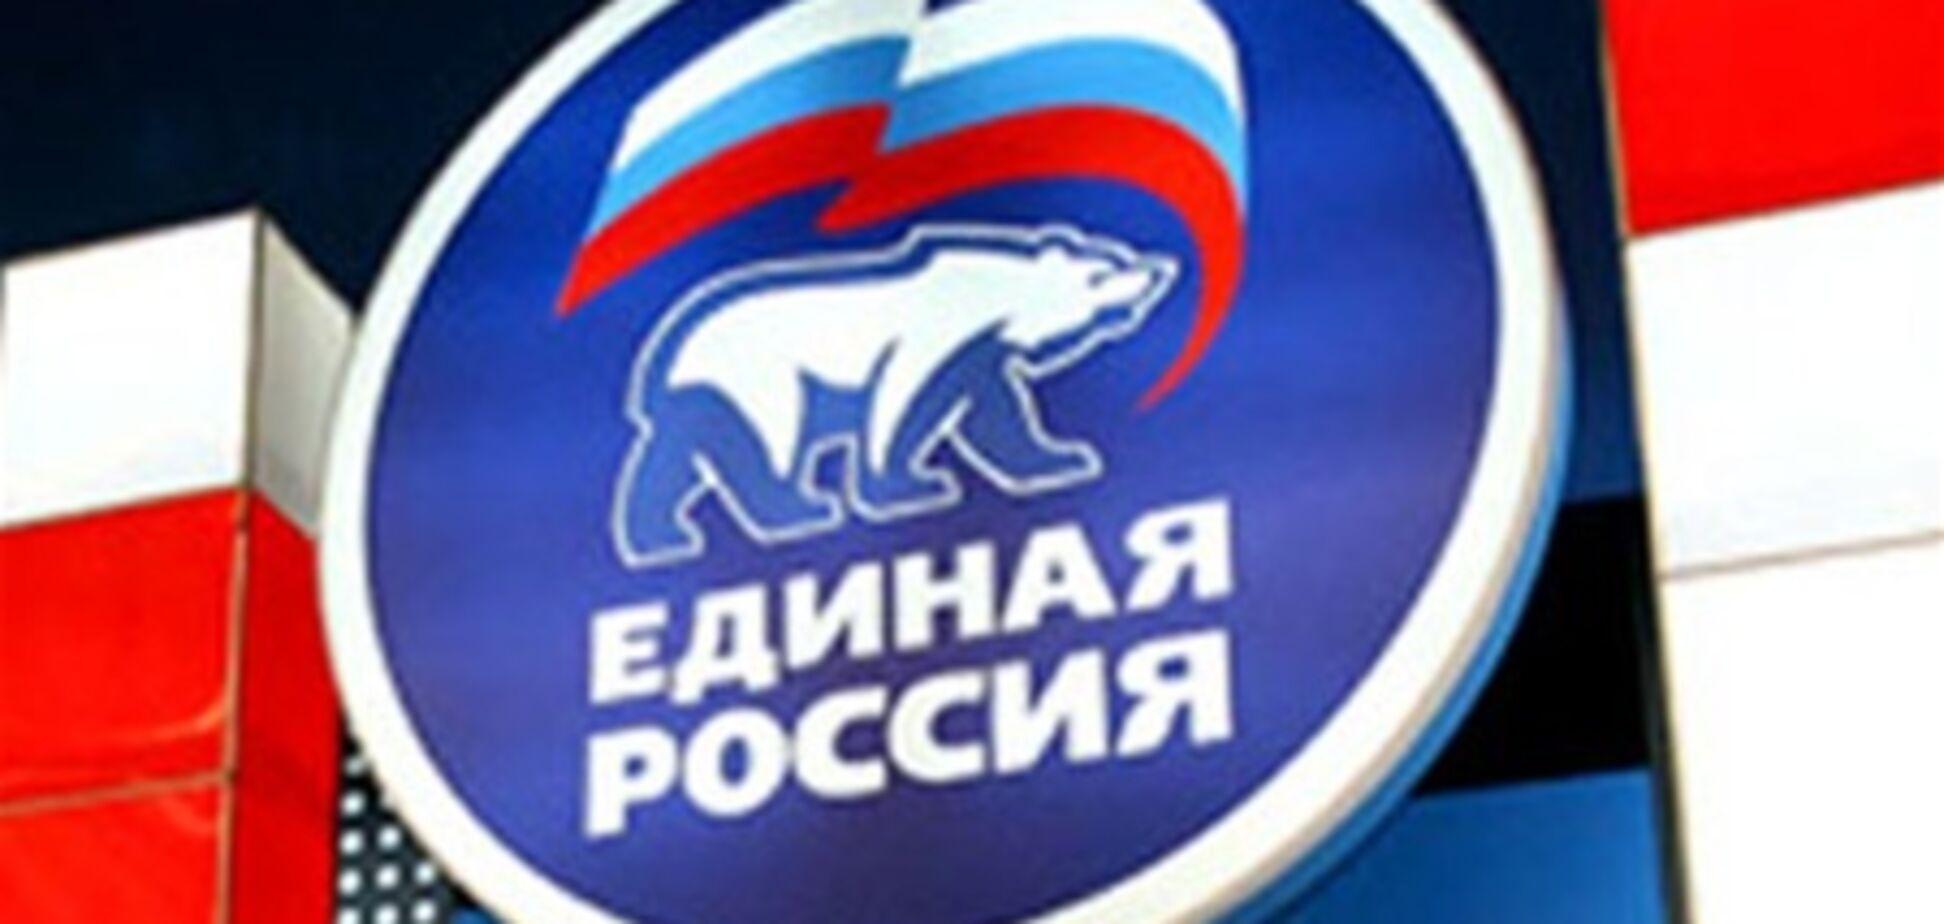 Депутат от 'Единой России' оскорбил еврейскую общину РФ